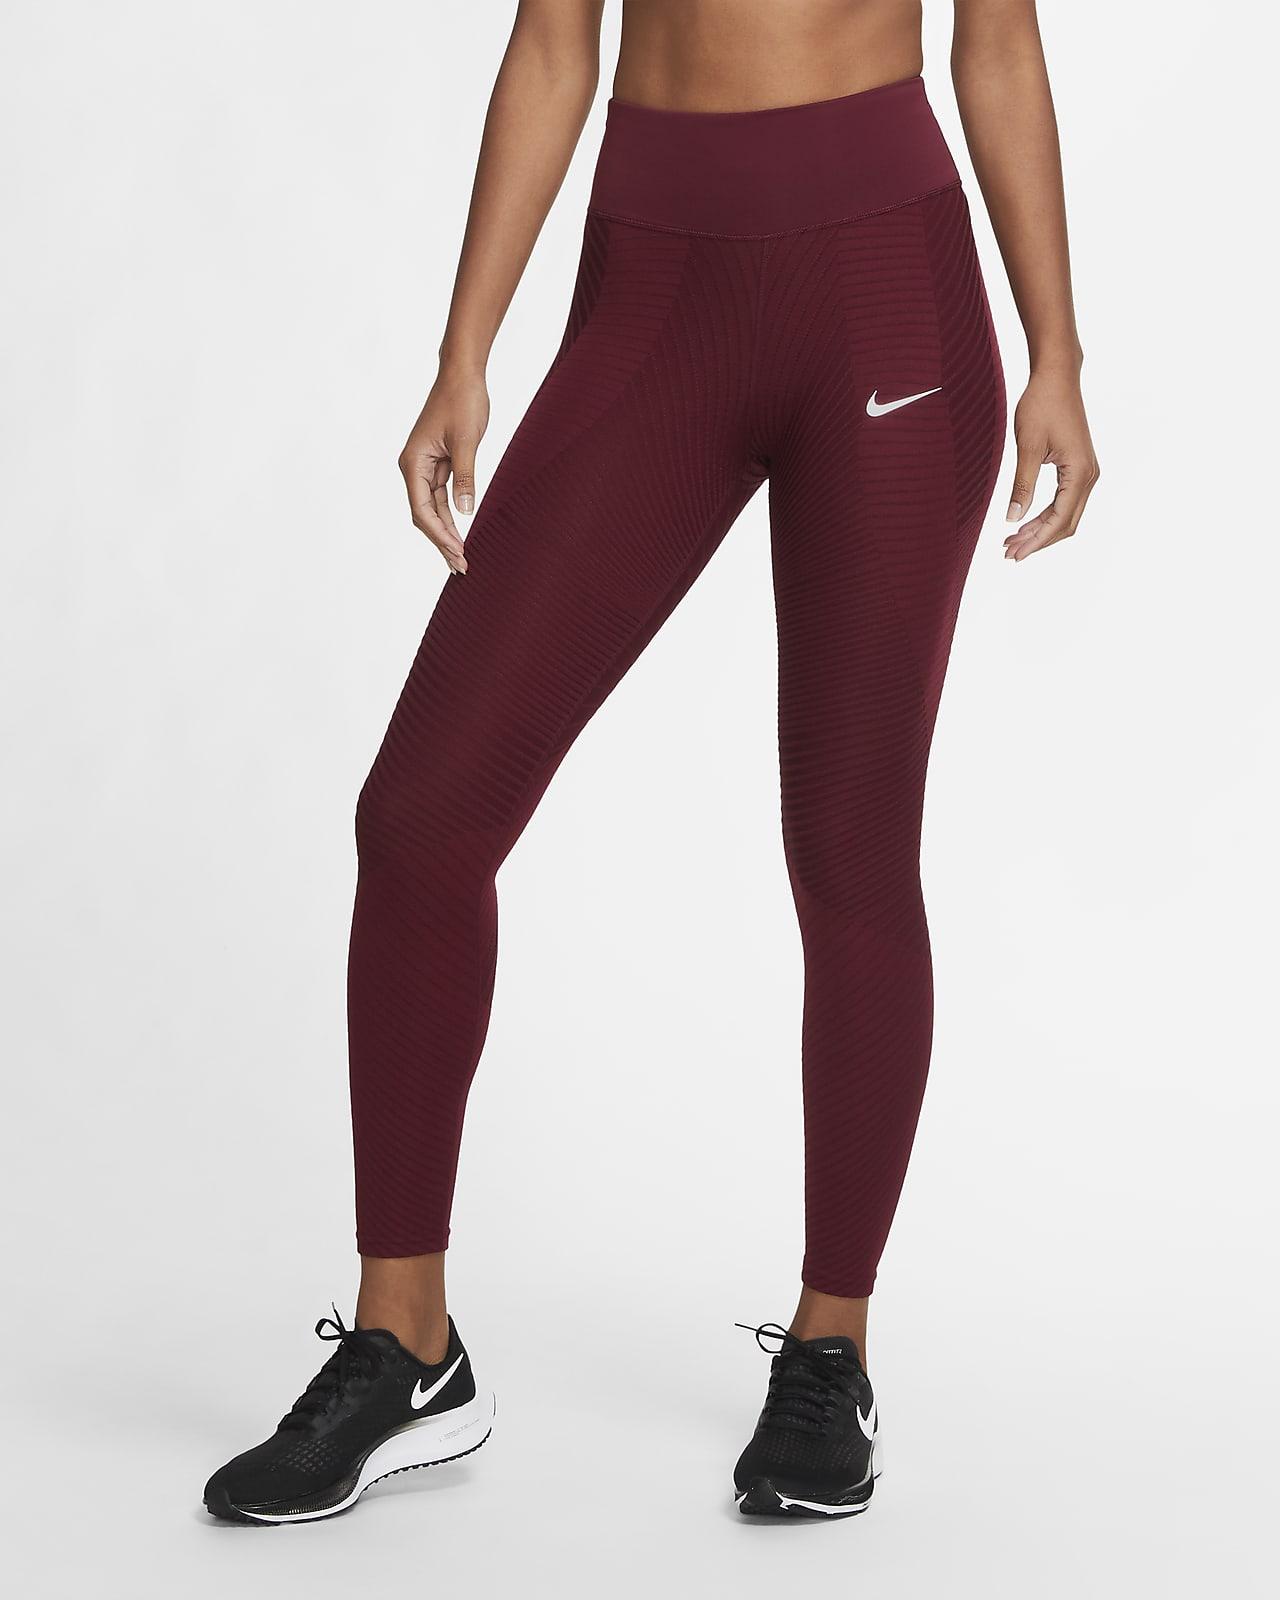 Nike Epic Luxe Hardlooplegging met textuur voor dames